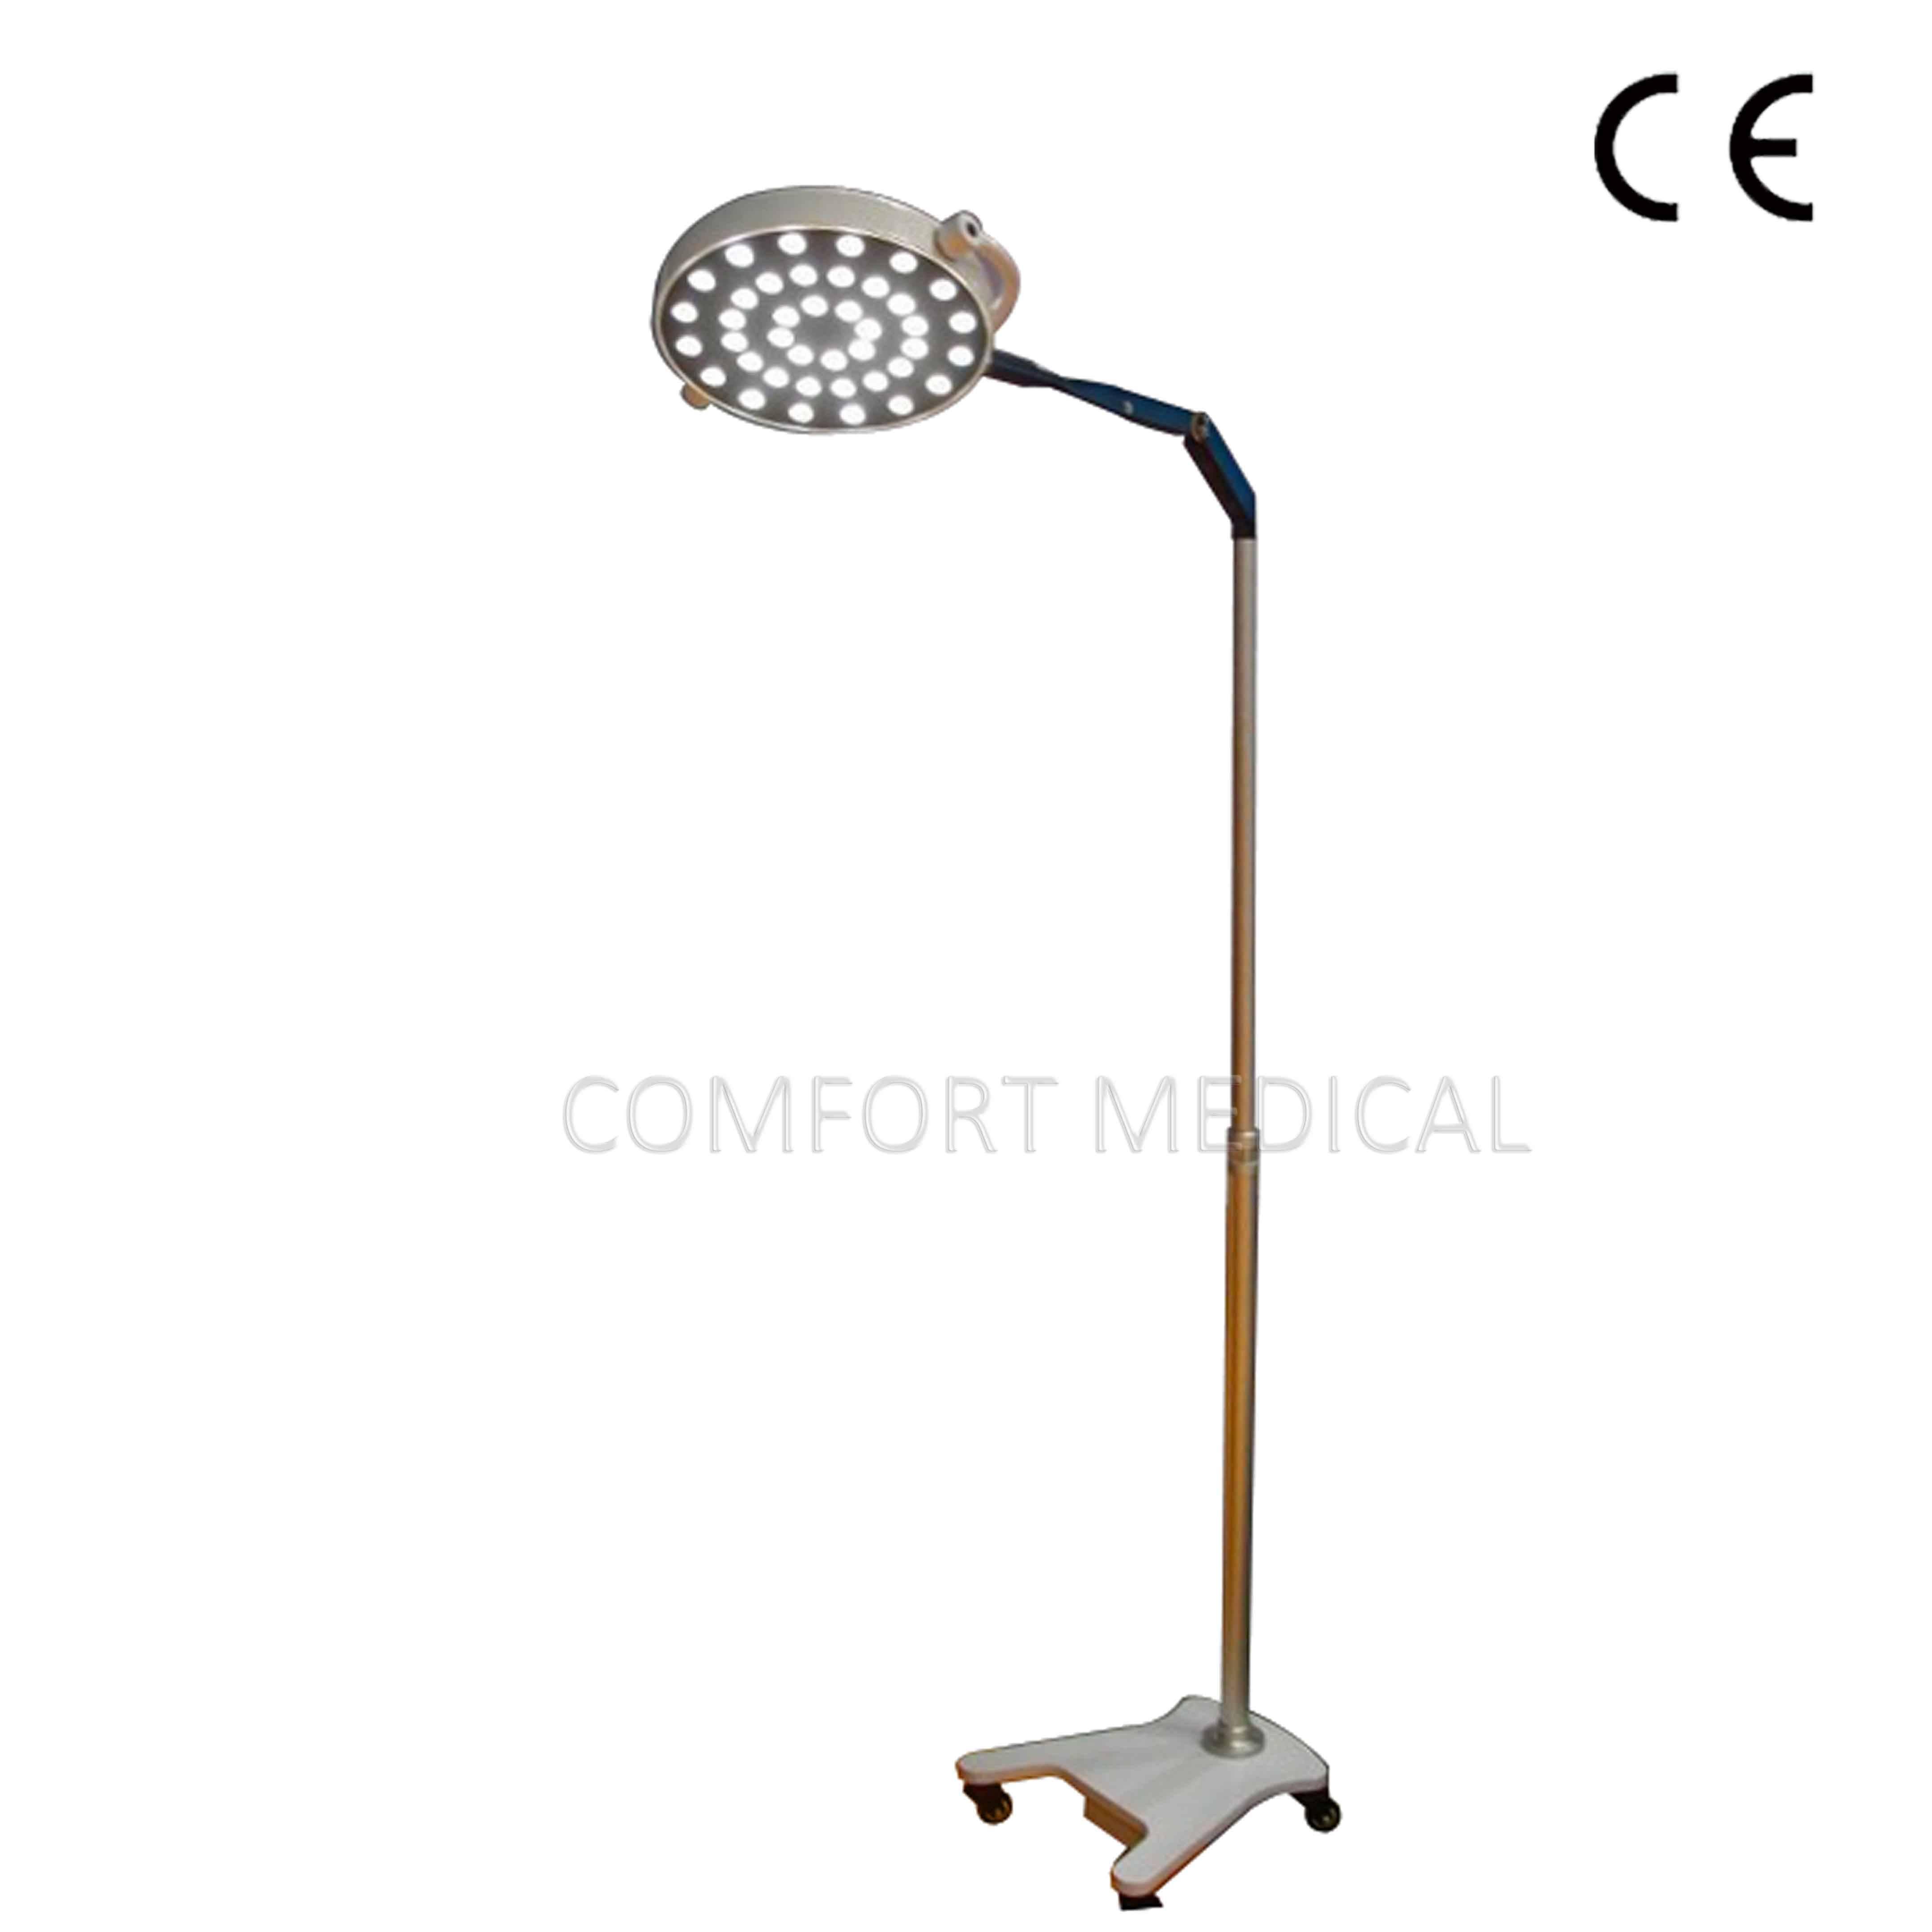 CF-LED36 medical examination lamp